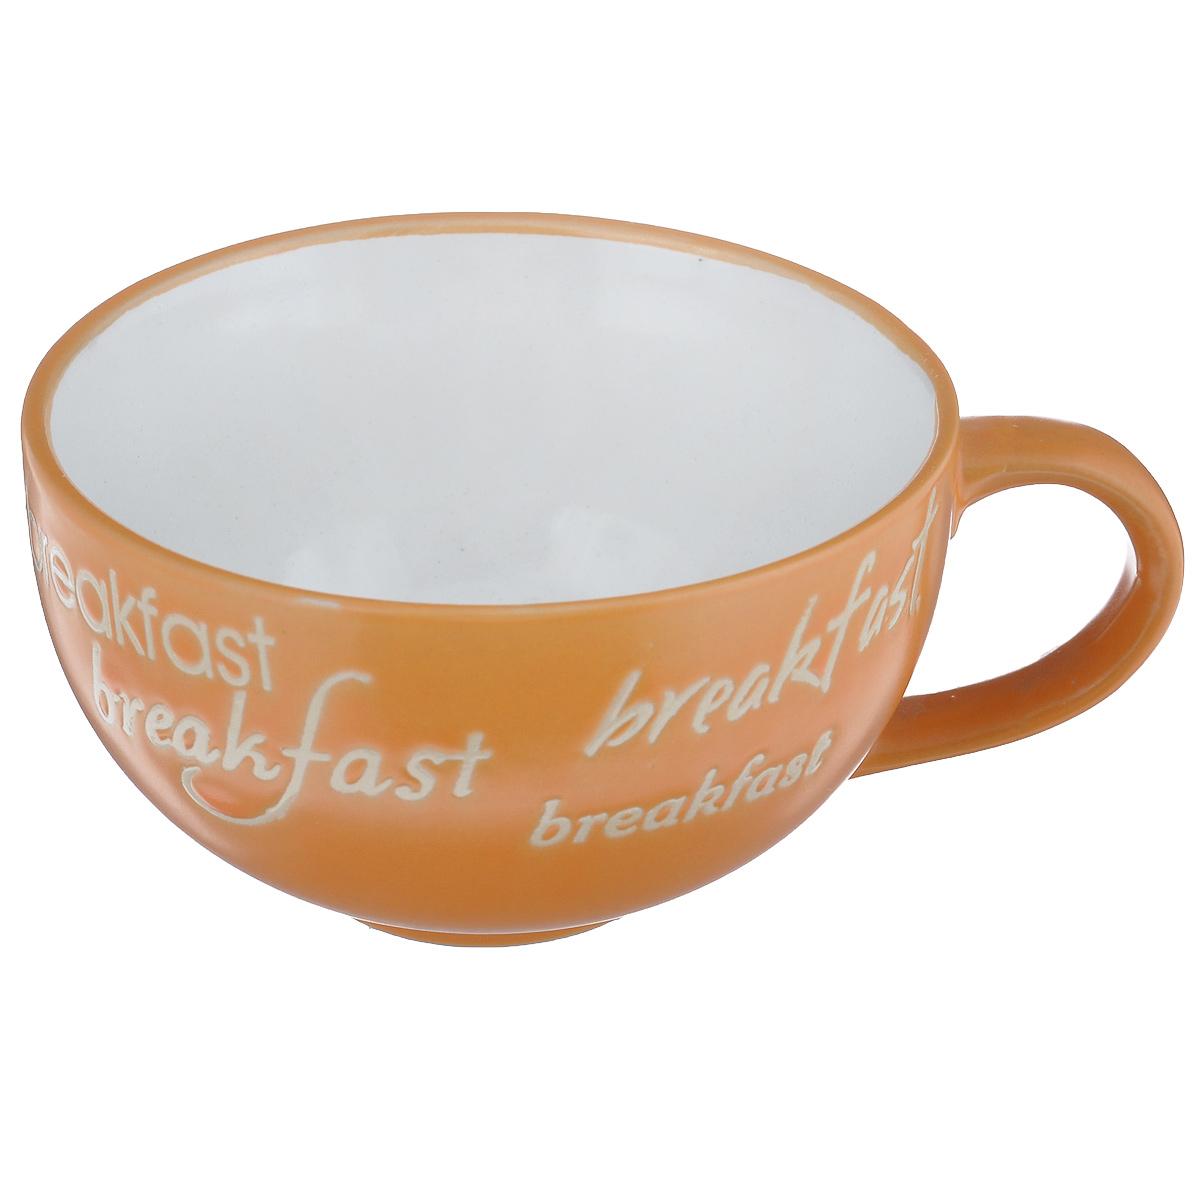 Чашка Wing Star Breakfast, цвет: белый, оранжевый, 420 млLJ3452-1203Чашка Wing Star Breakfast изготовлена из высококачественной керамики с оригинальным принтом в виде надписей. При изготовлении использовался рельефный способ нанесения декора, когда рельефная поверхность подготавливается в процессе формовки, и изделие обрабатывается с уже готовым декором. Благодаря этому достигается эффект неровного на ощупь рисунка, как бы утопленного внутрь глазури и являющегося его естественным элементом. Такая чашка прекрасно подойдет для горячих и холодных напитков. Она дополнит коллекцию вашей кухонной посуды и будет служить долгие годы. Можно использовать в посудомоечной машине и СВЧ. Объем: 420 мл. Диаметр чашки (по верхнему краю): 11,5 см. Высота стенки чашки: 6,5 см.